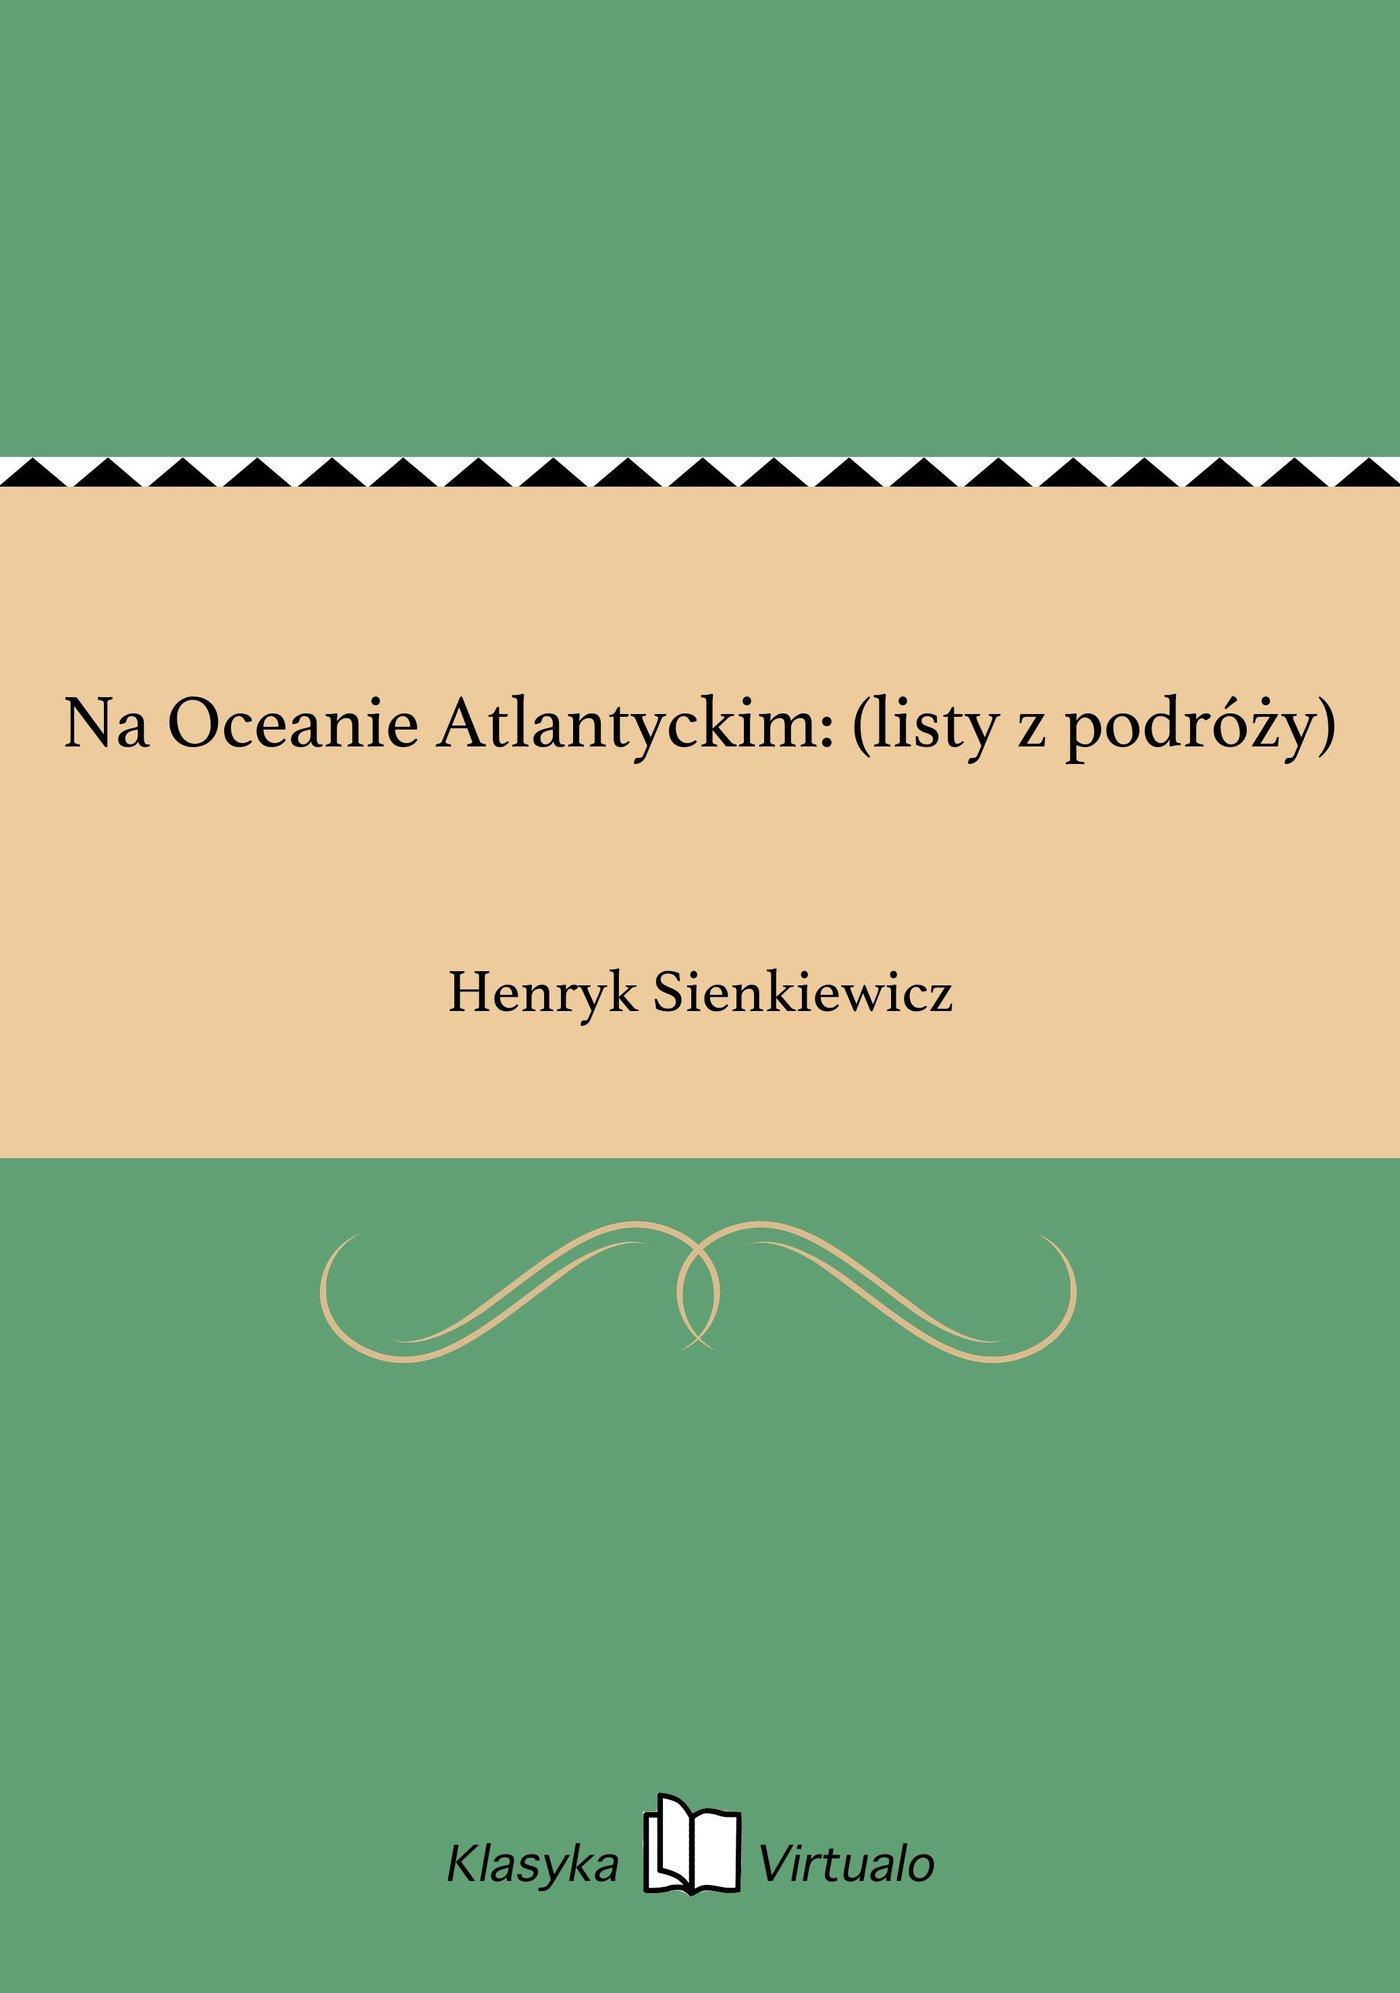 Na Oceanie Atlantyckim: (listy z podróży) - Ebook (Książka EPUB) do pobrania w formacie EPUB